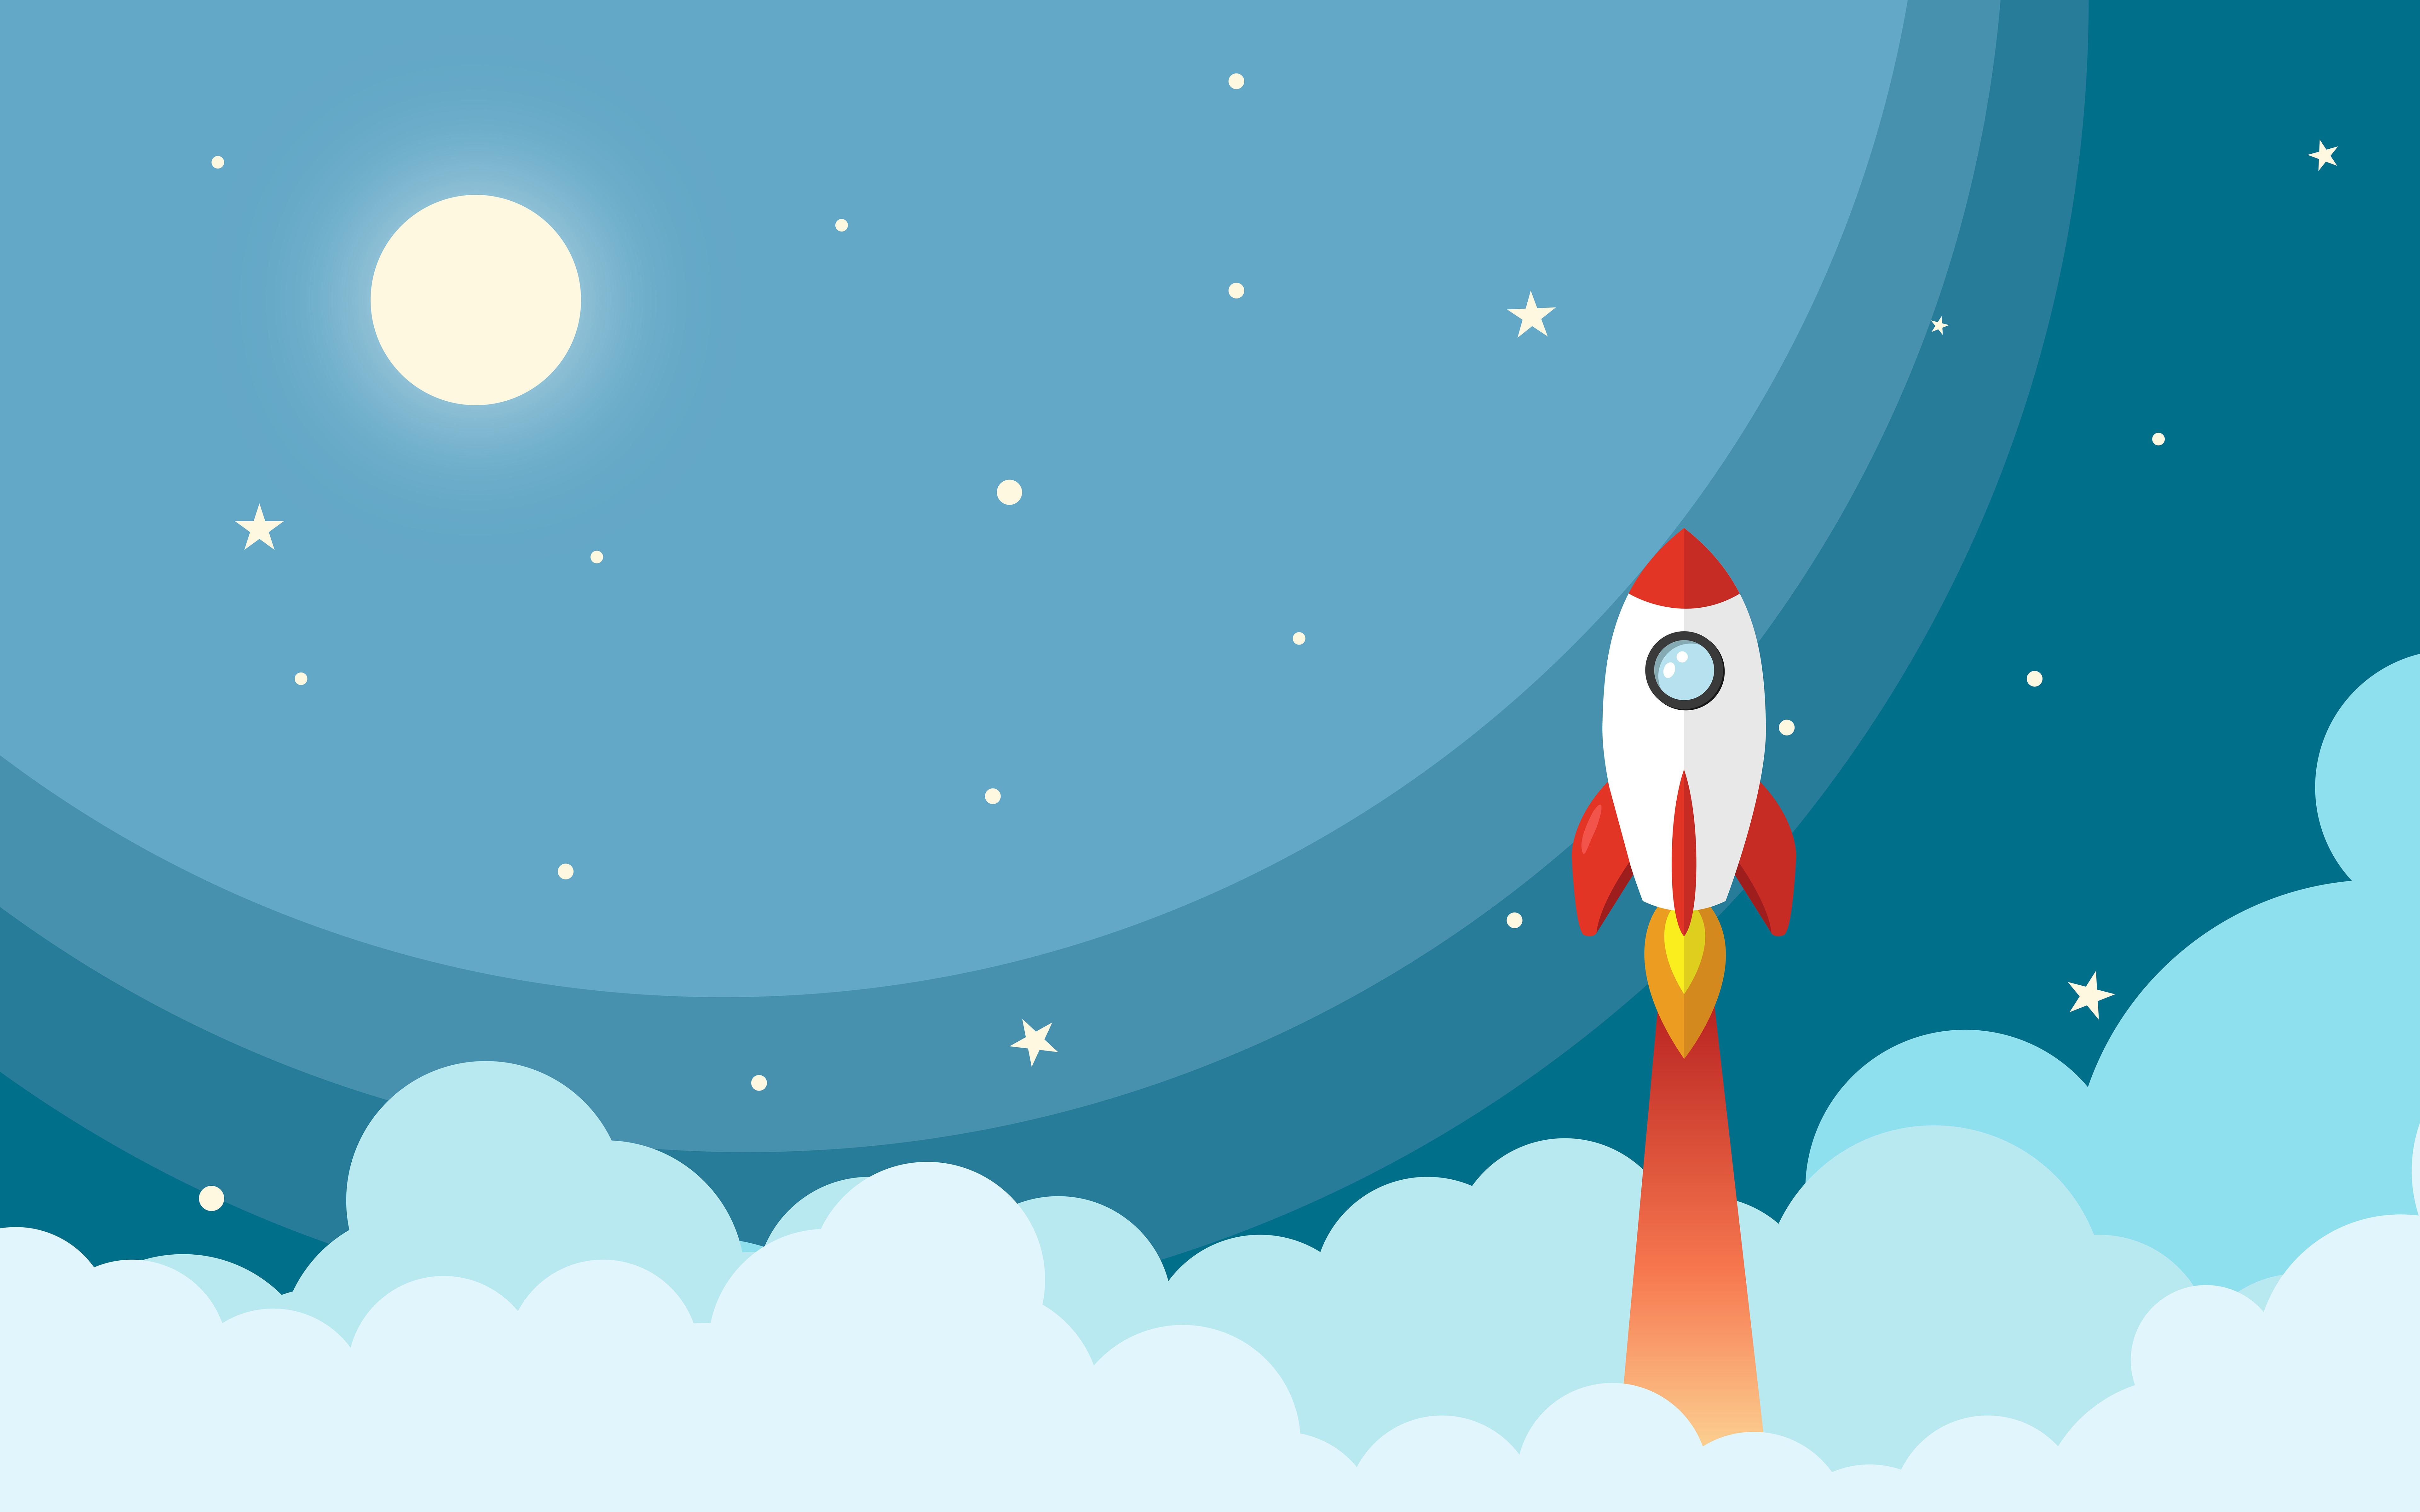 Rocket to moon минимальное художественное произведение обои скачать